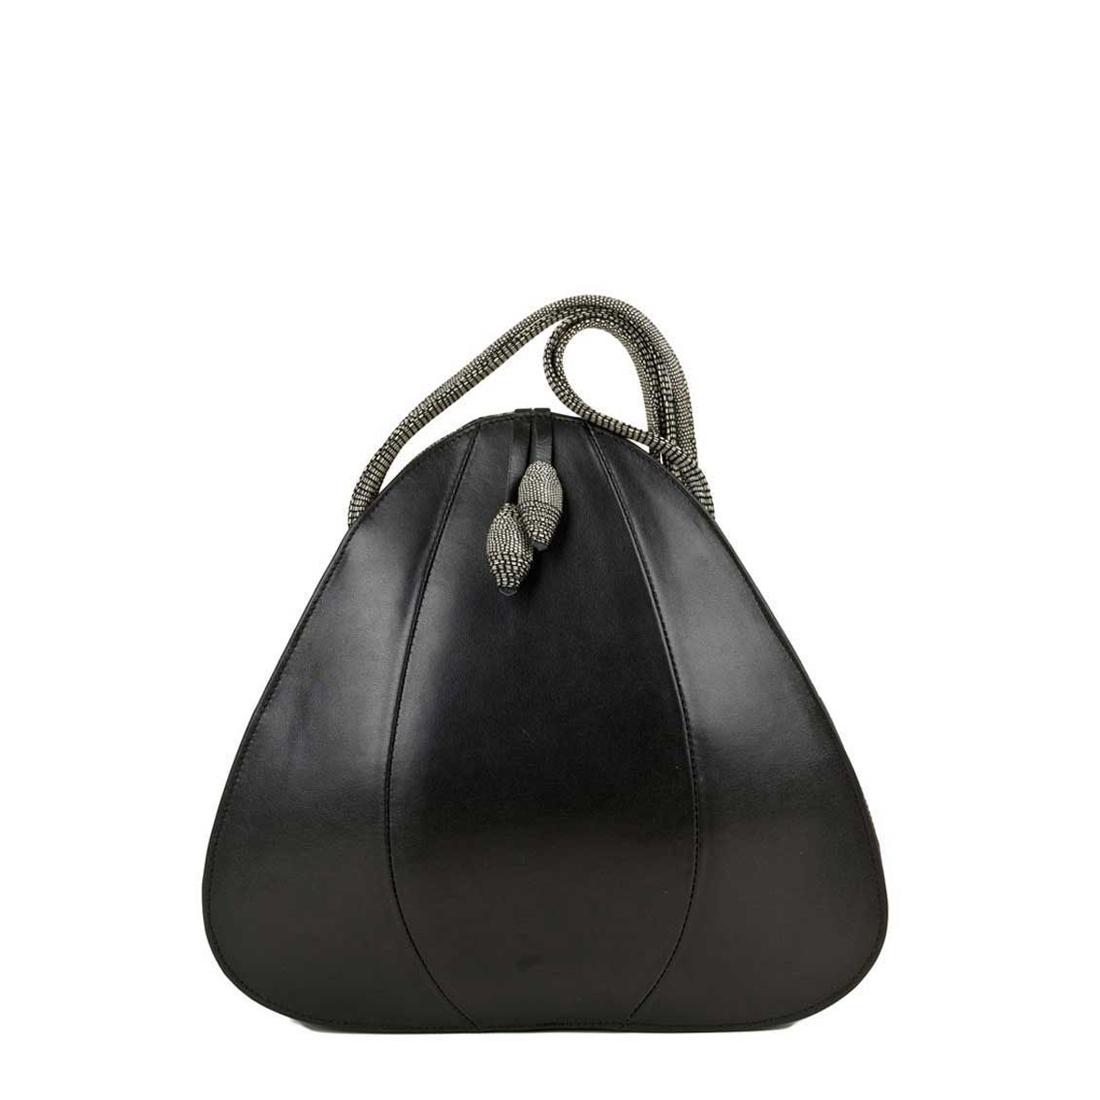 Petal Black Leather Shoulder Bag